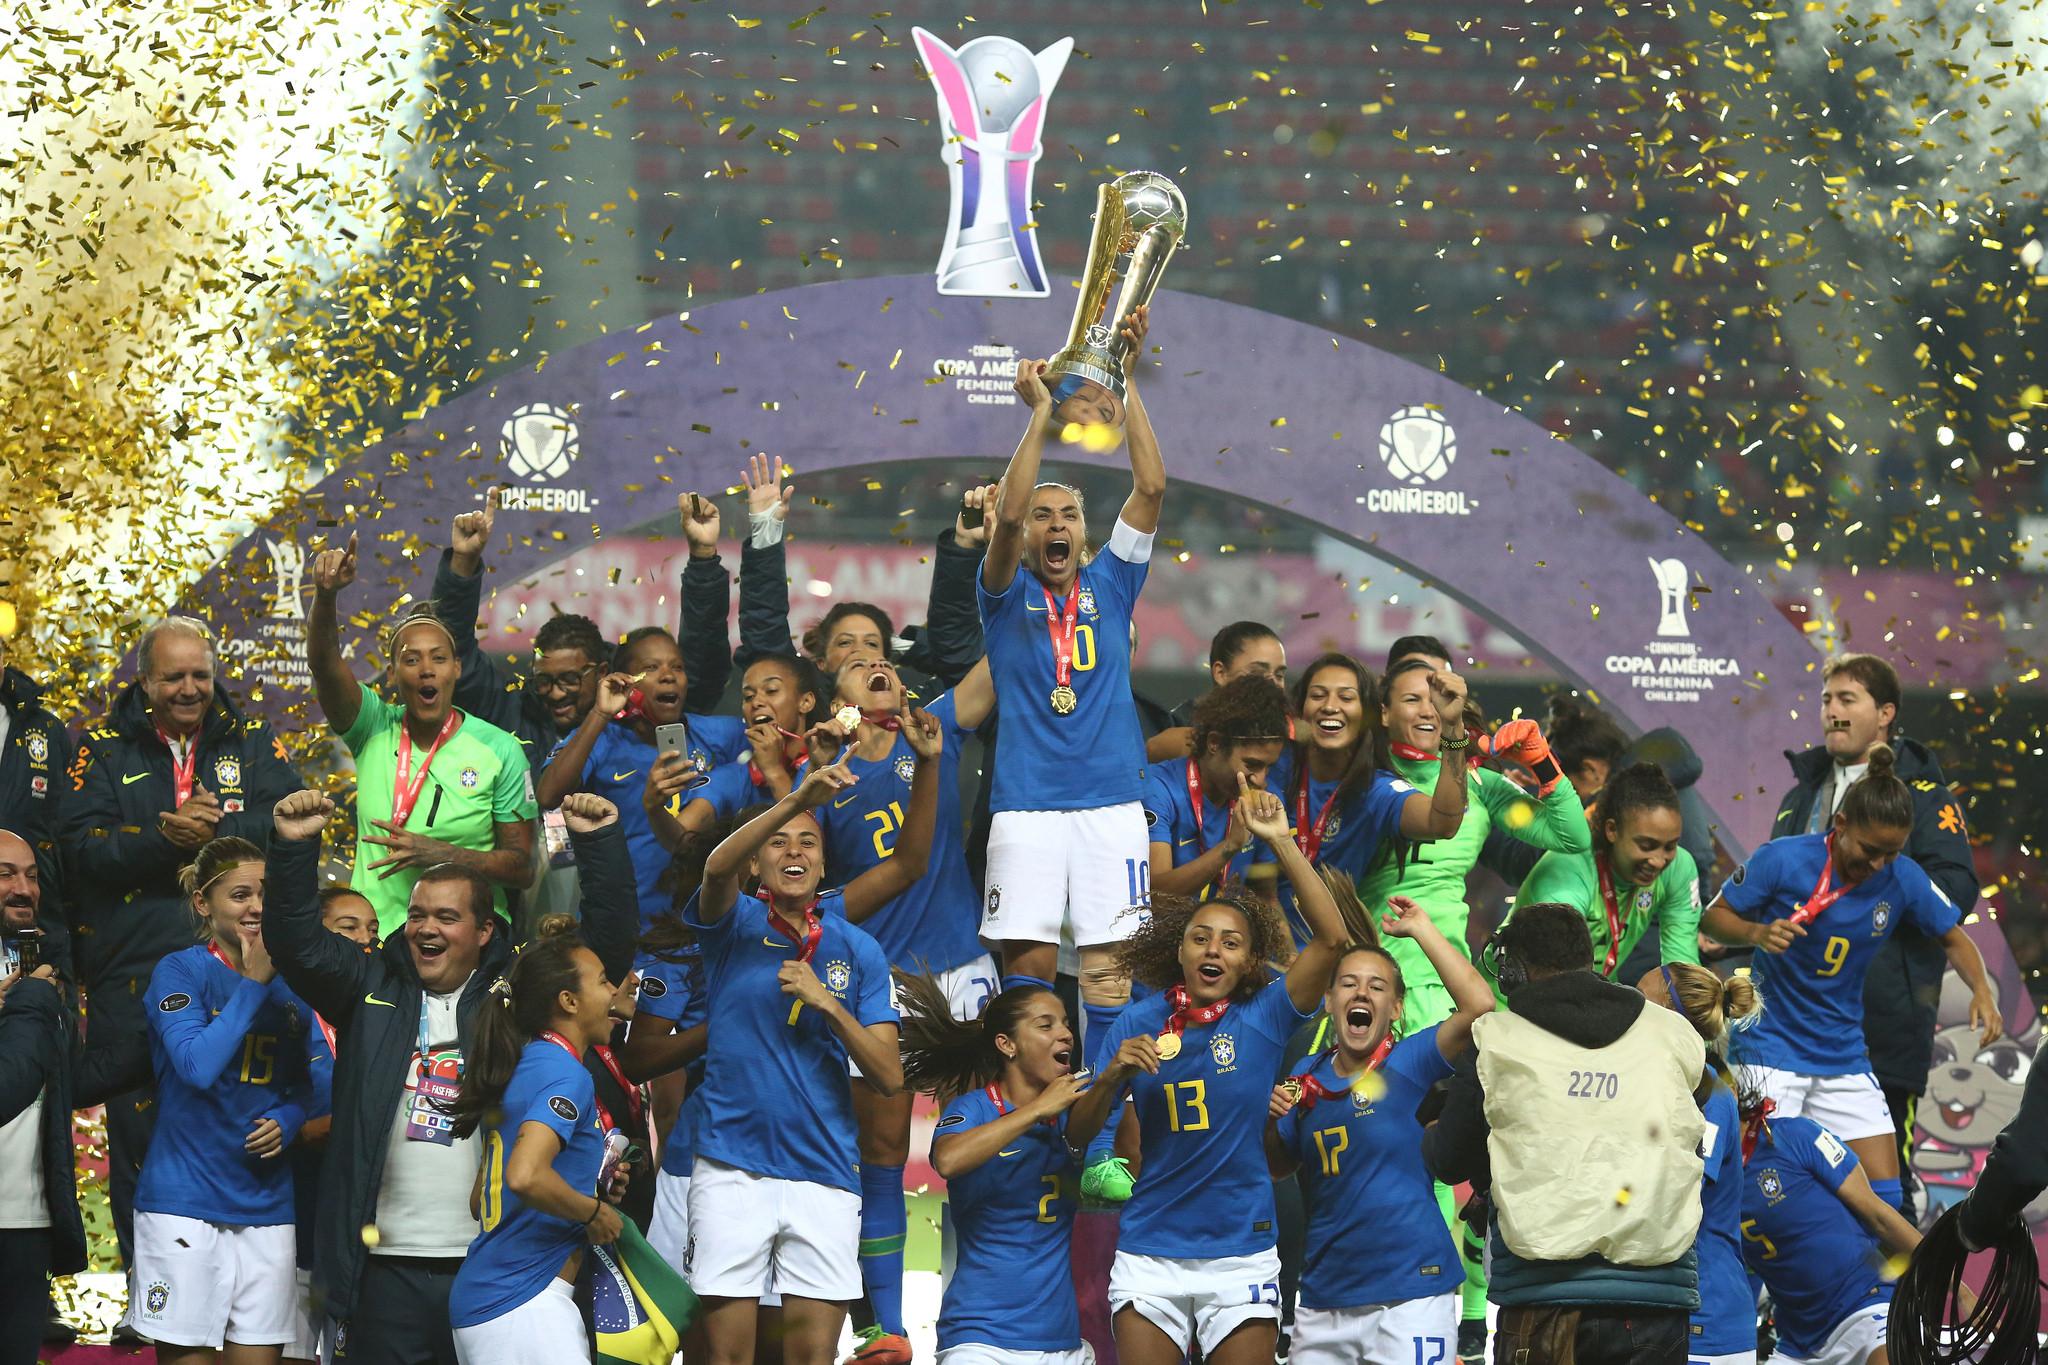 Foto  CBF. A seleção brasileira foi heptacampeã da Copa América de futebol  feminino ... 5534d01cf16de